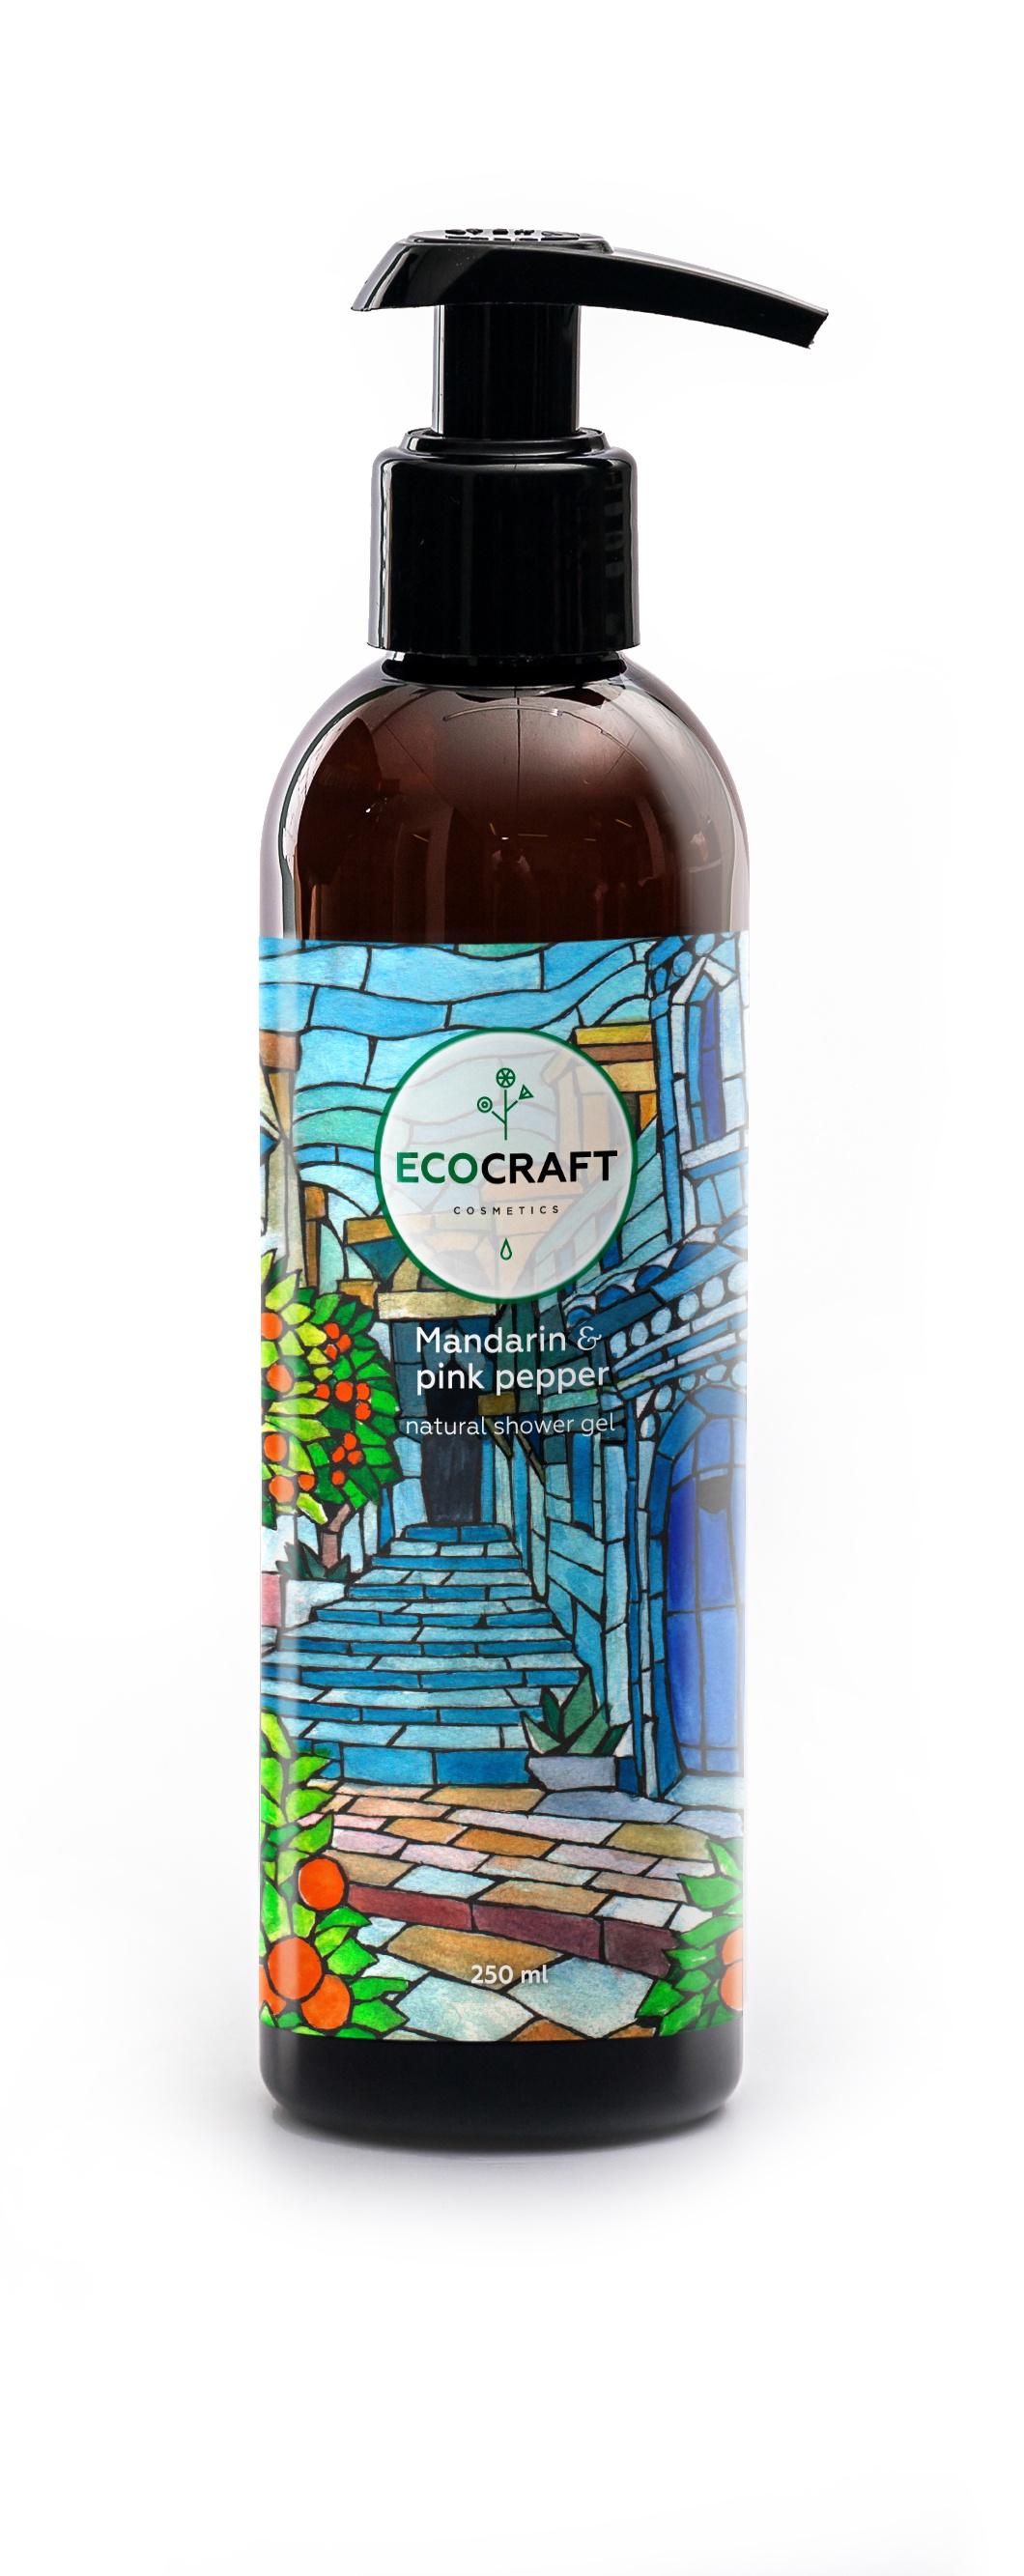 Гель для душа ECOCRAFT Cosmetics Mandarin and pink pepper Мандарин и розовый перец, 250 мл гель для душа ecocraft ecocraft ec007lwcwjc8